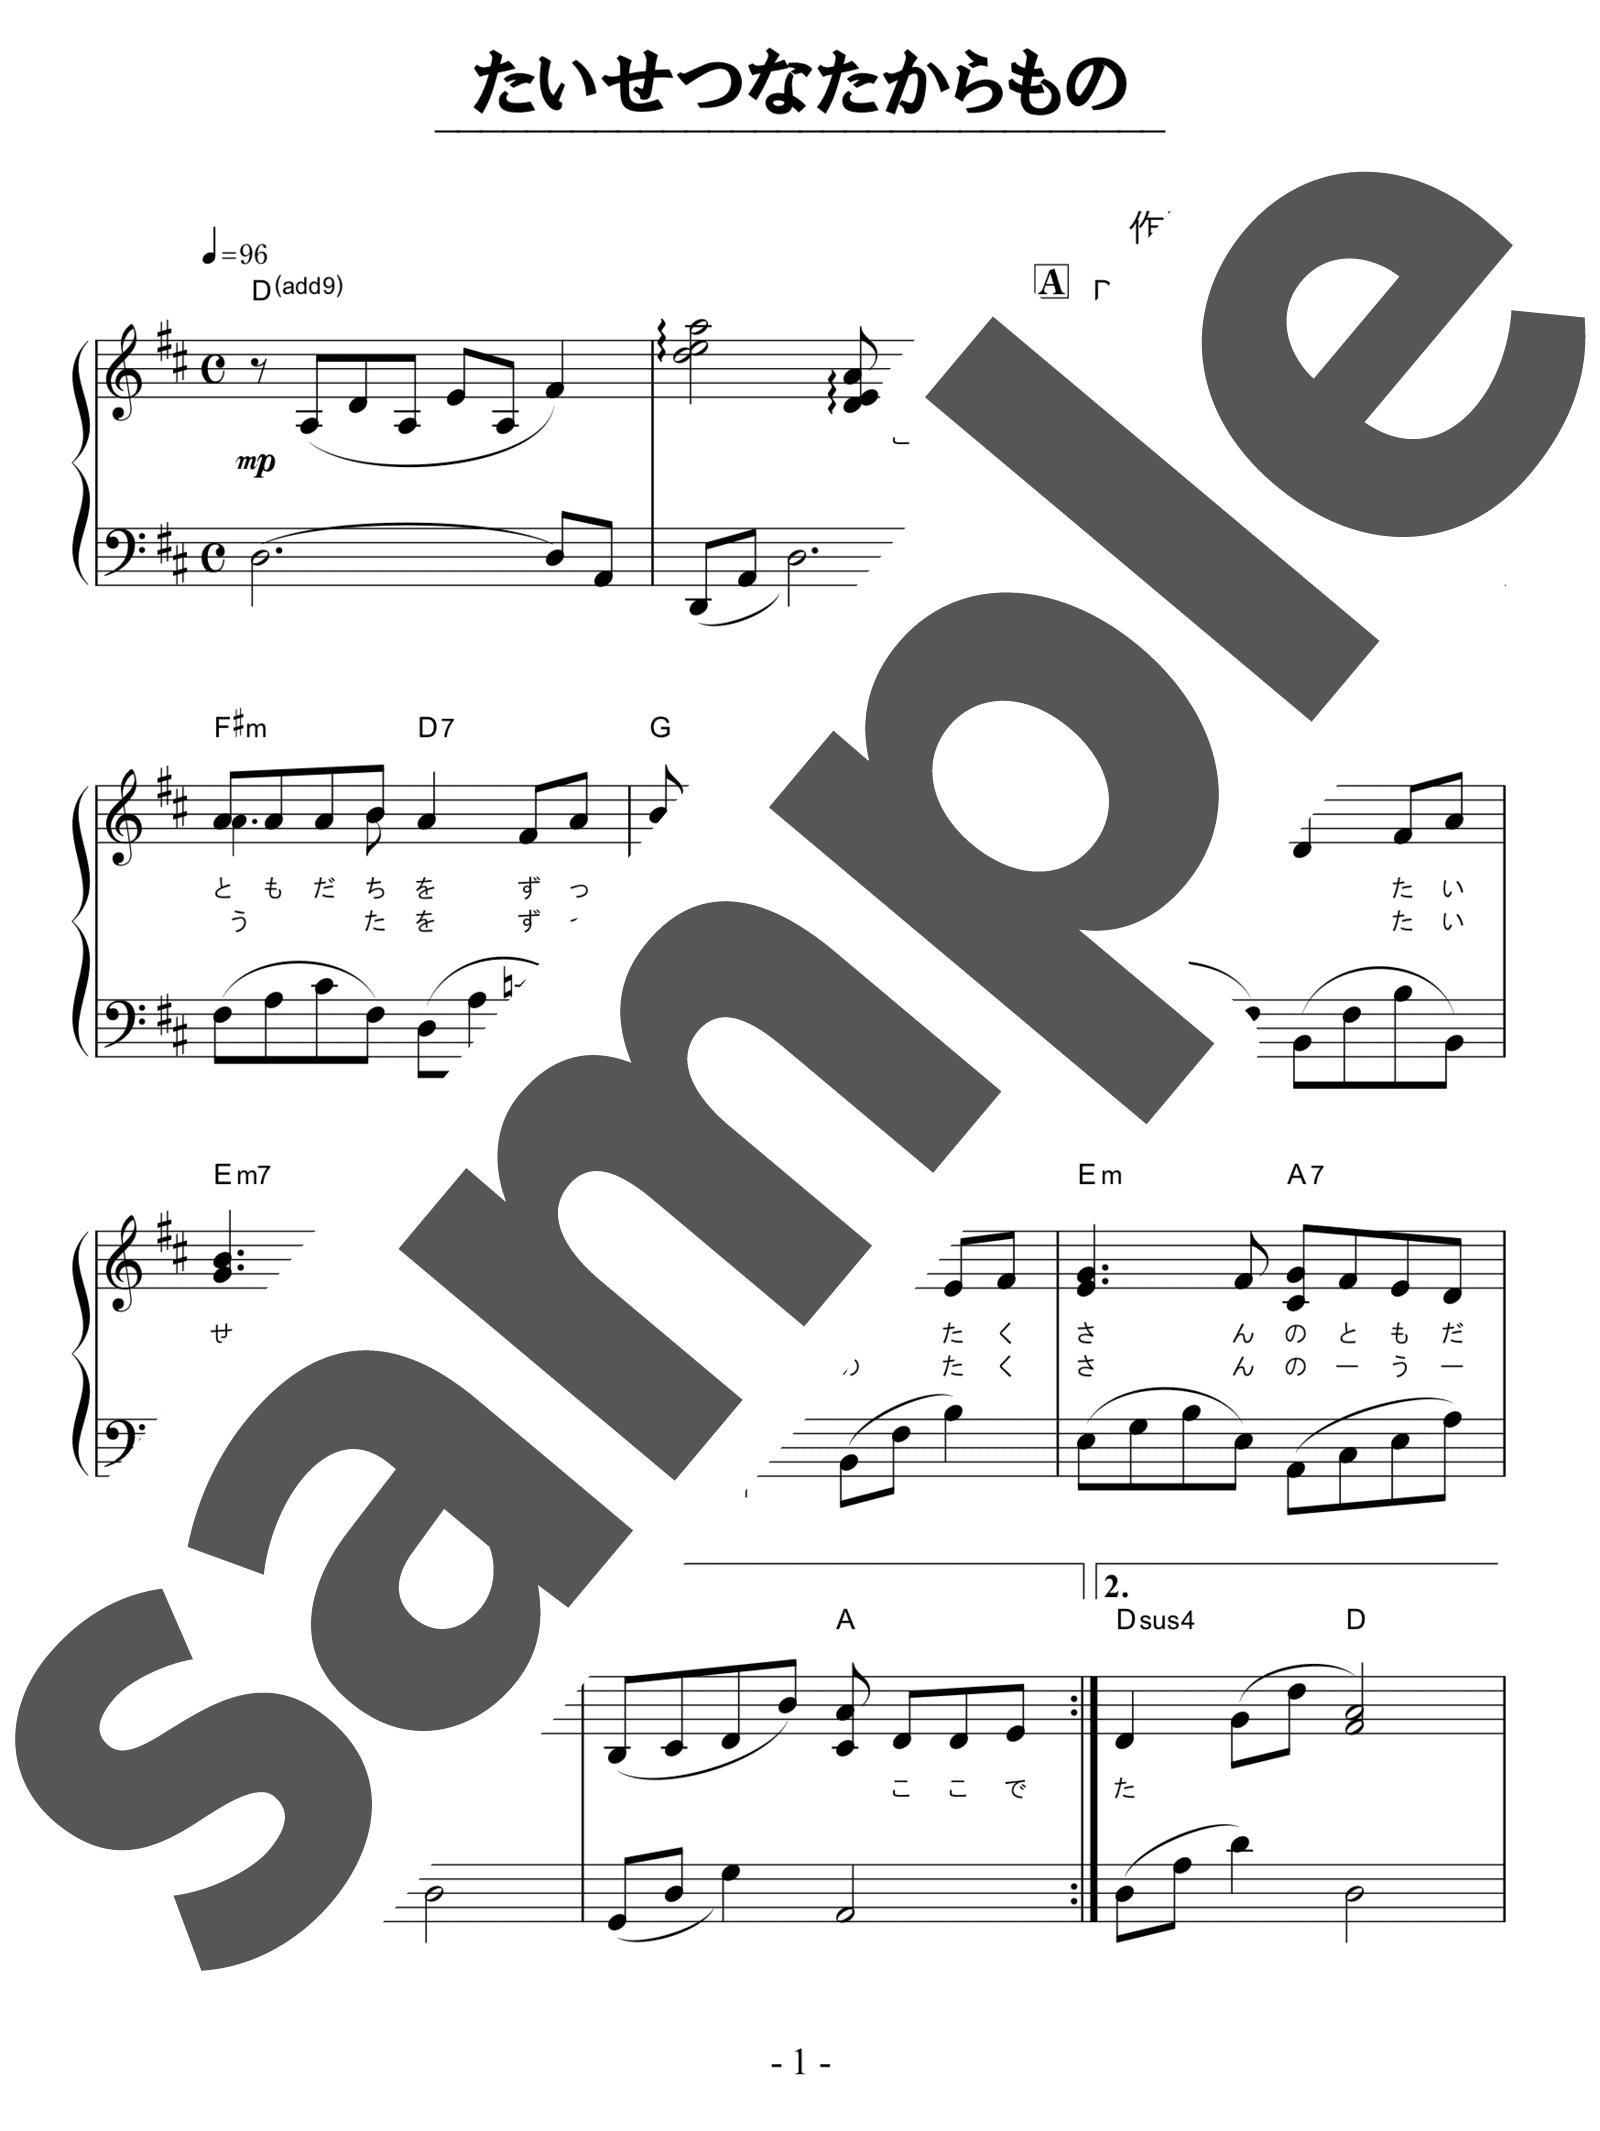 「たいせつなたからもの」のサンプル楽譜